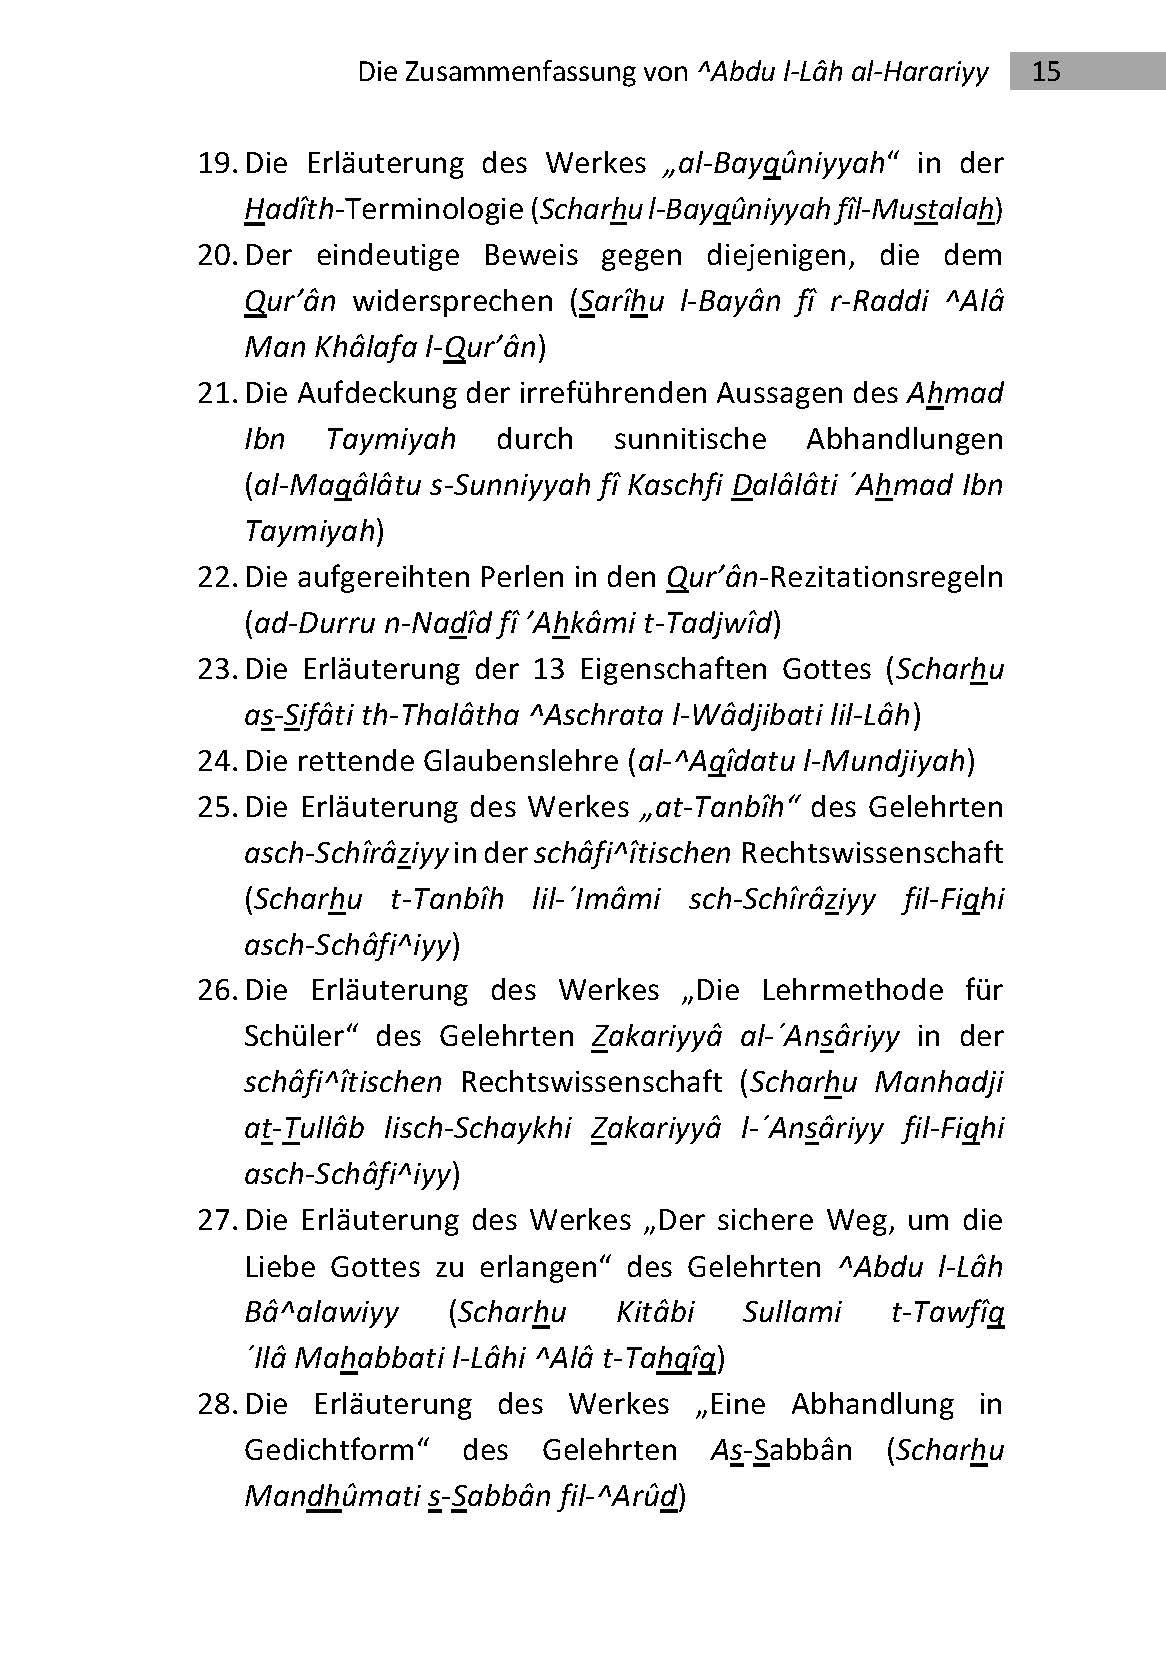 Die Zusammenfassung - 3. Auflage 2014_Seite_15